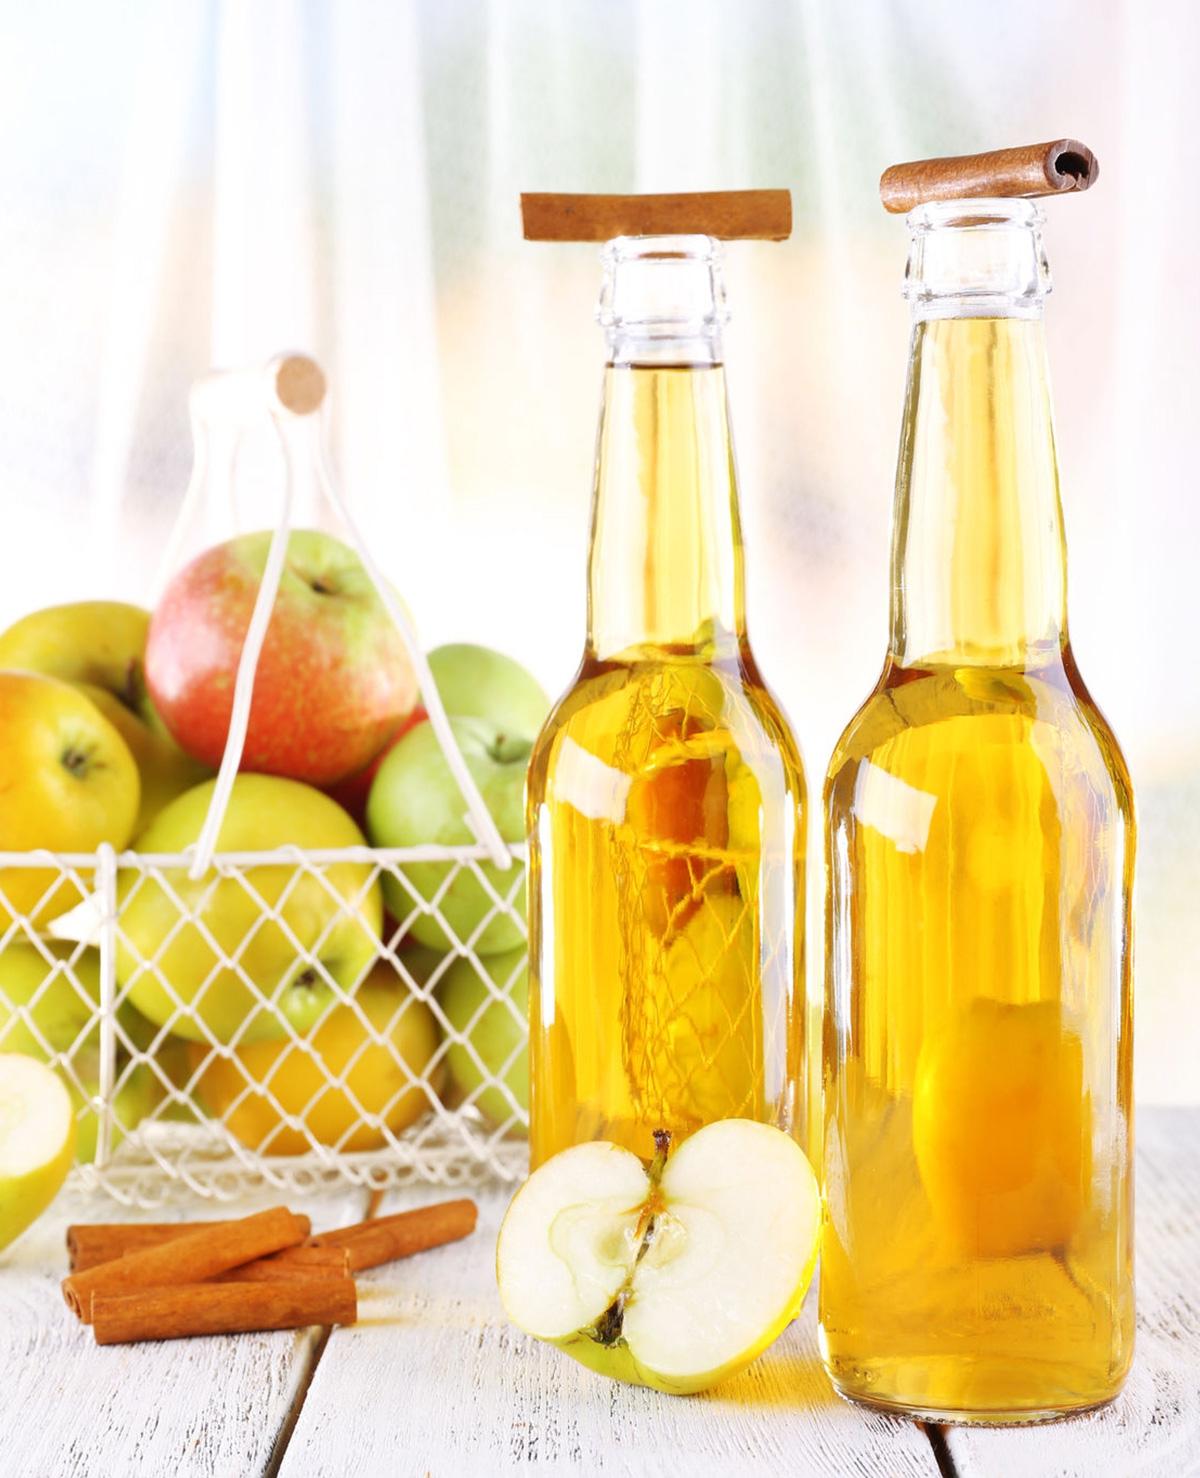 Heerlijke herfstdrankjes om zelf te maken